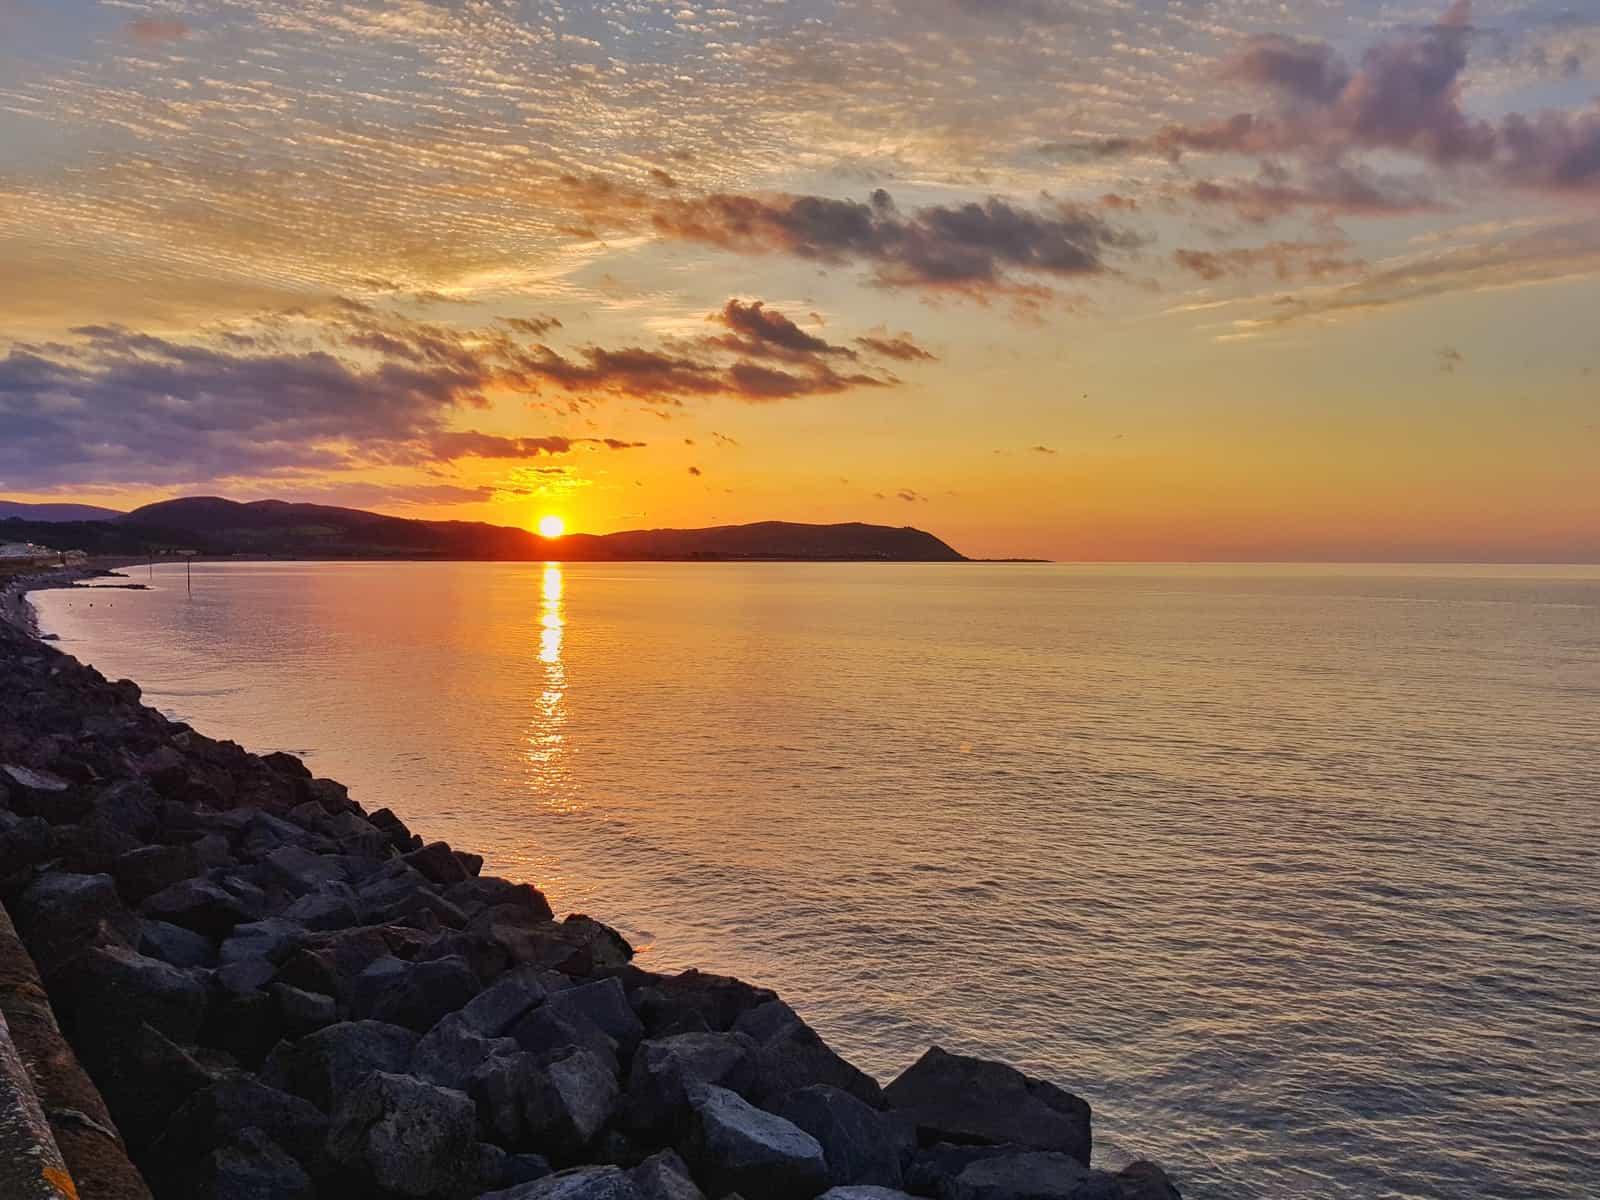 Hoburne Blue Anchor sunset over Blue Anchor Bay